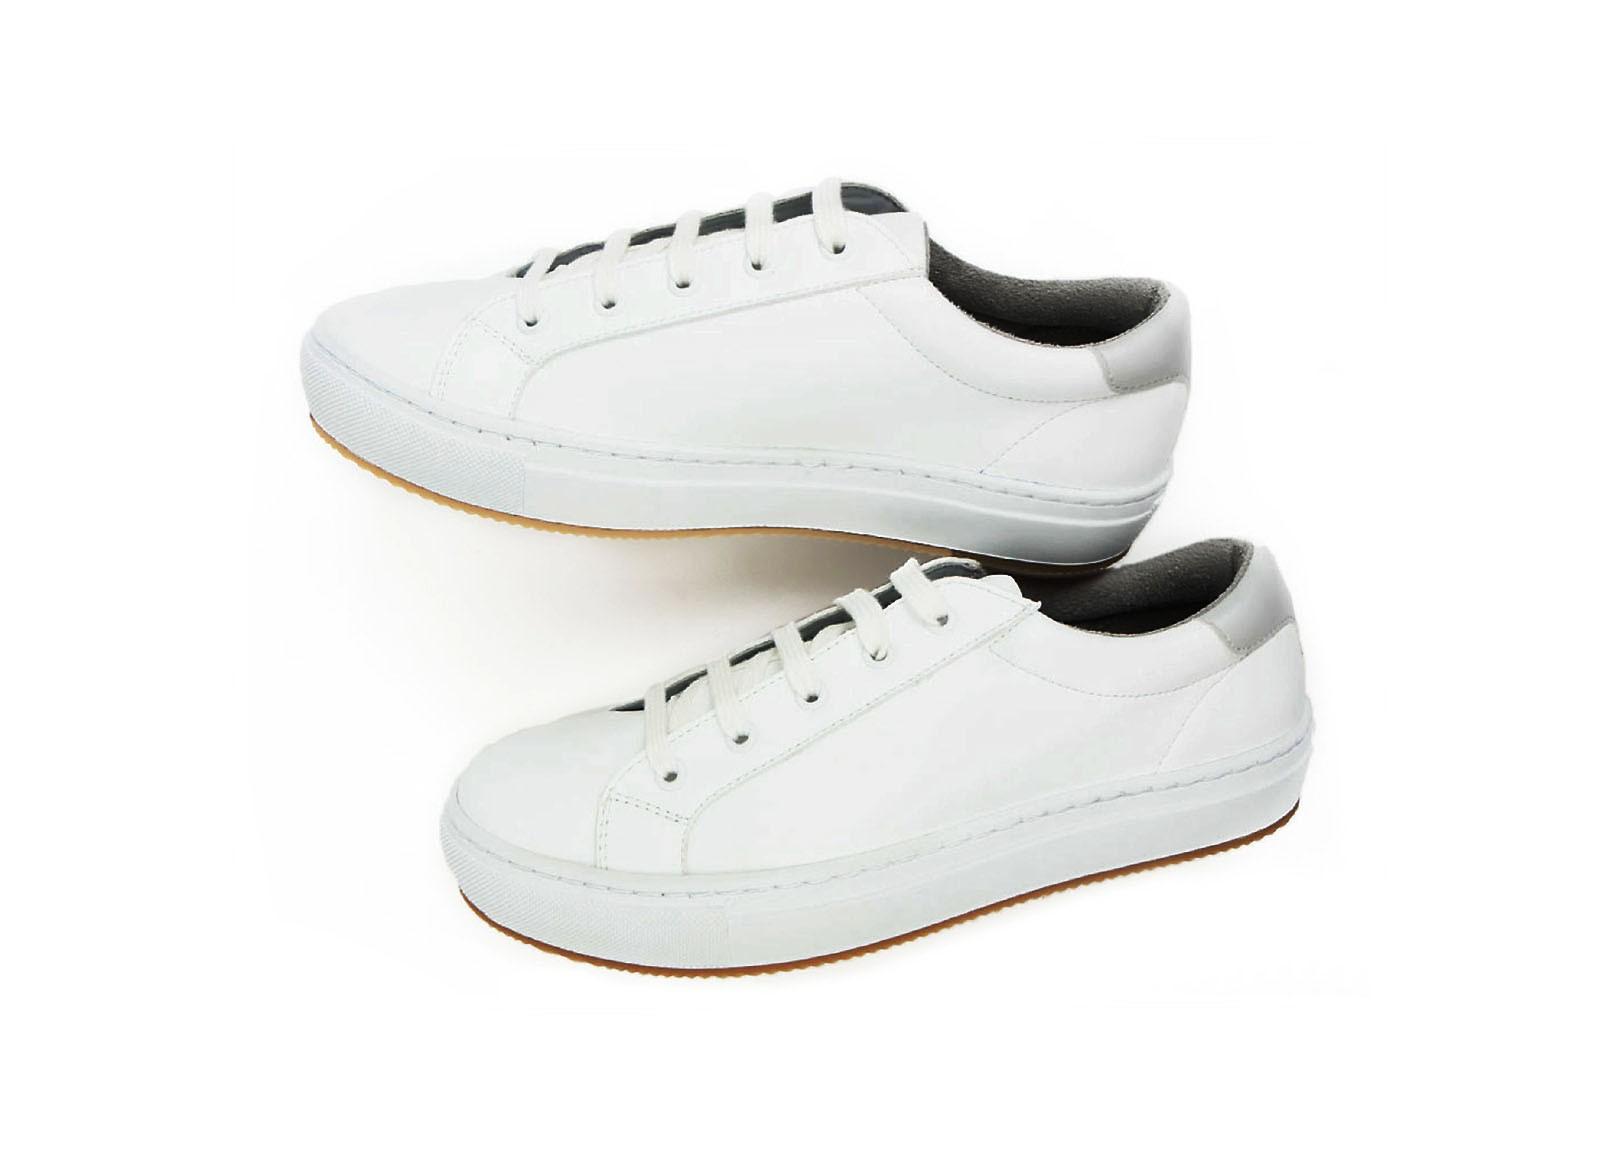 Veganer Sneaker   WILL'S VEGAN STORE NY Sneaker Male White